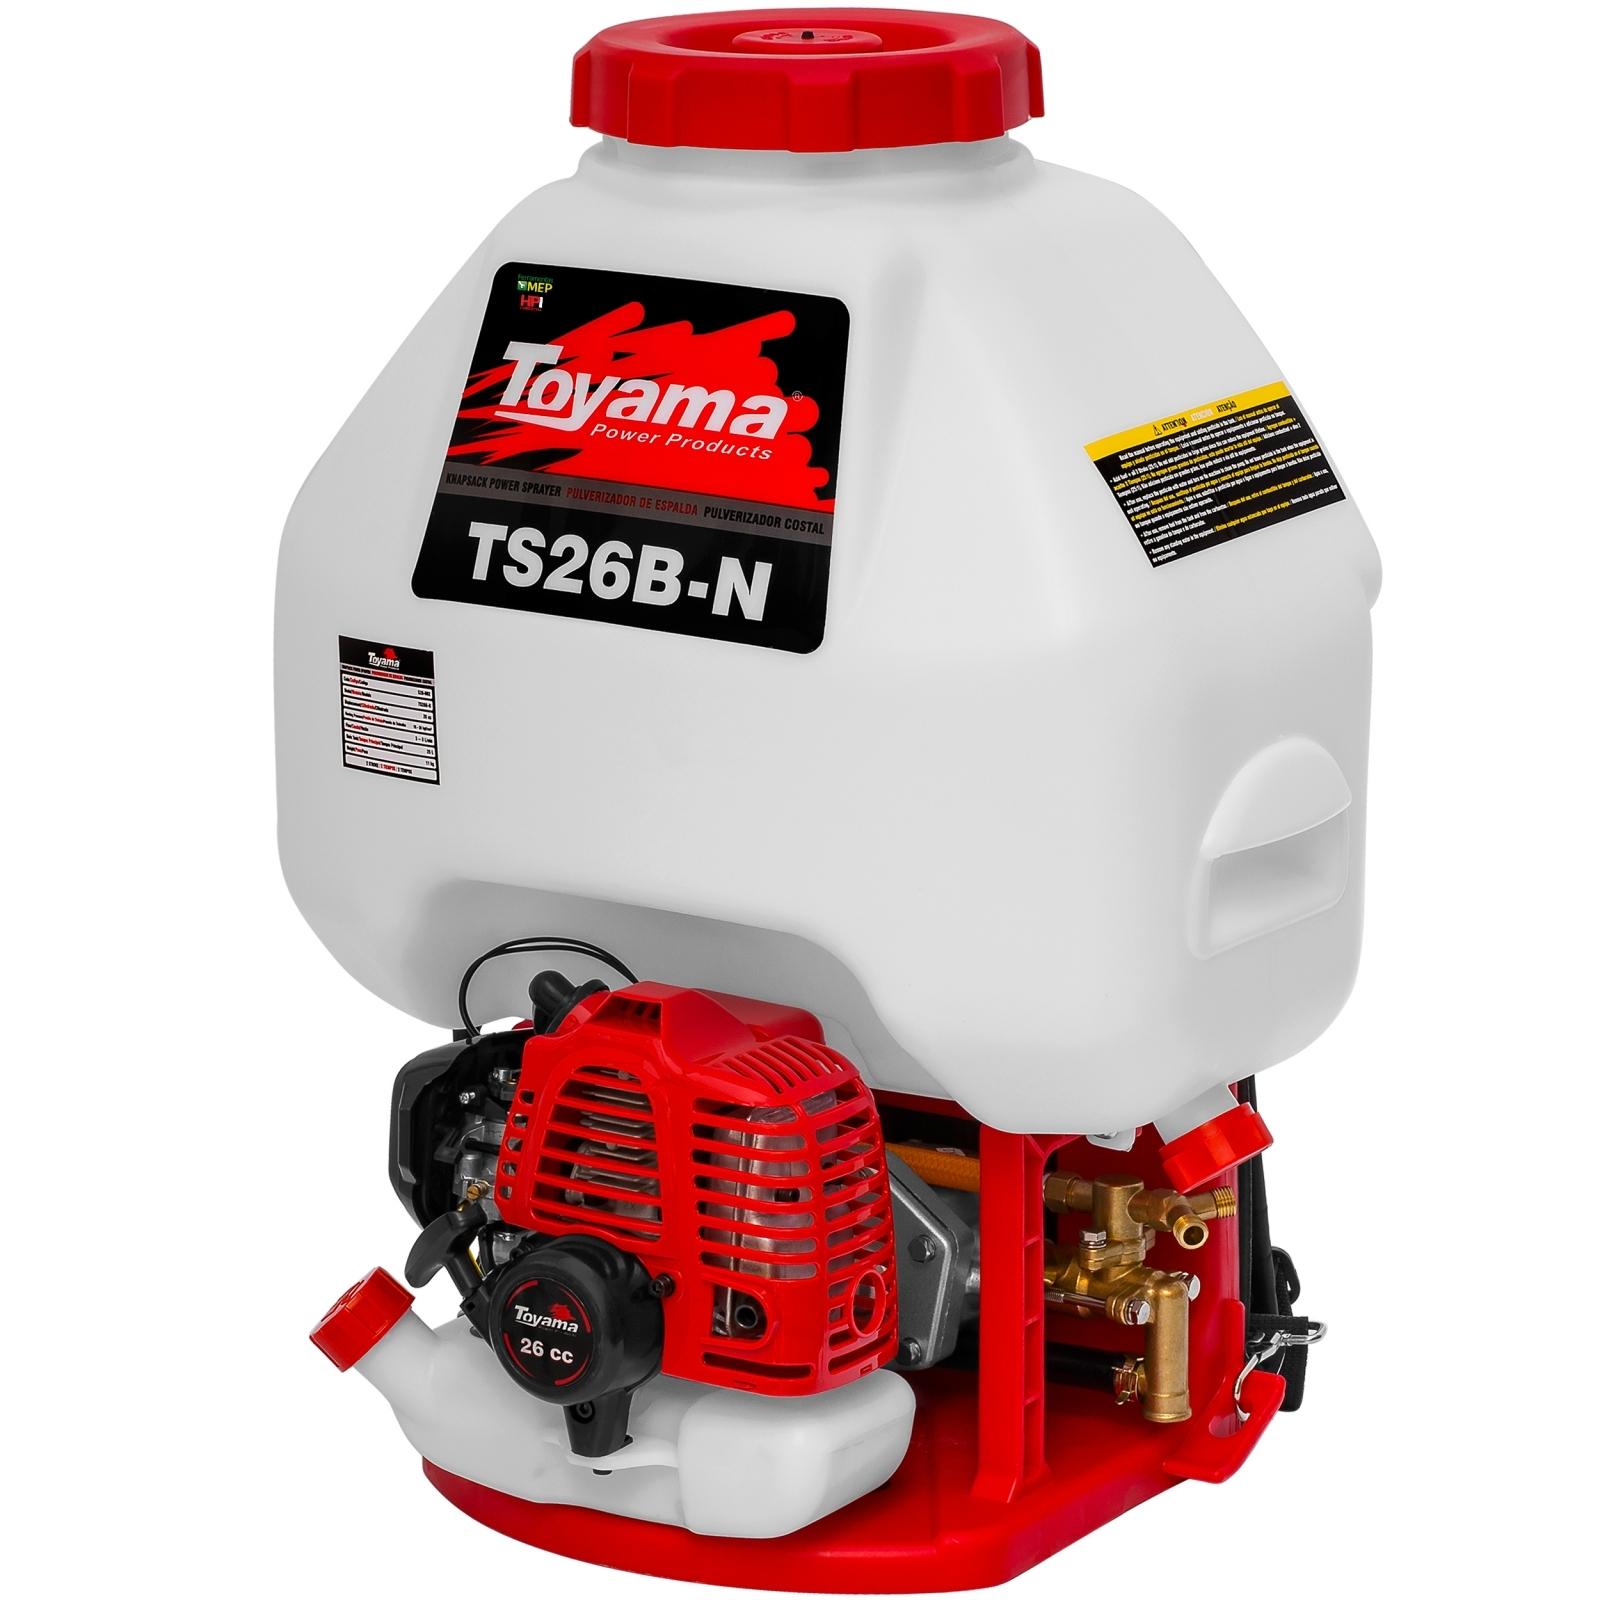 Pulverizador Costal Motorizado Toyama - TS26B-N - Ferramentas MEP